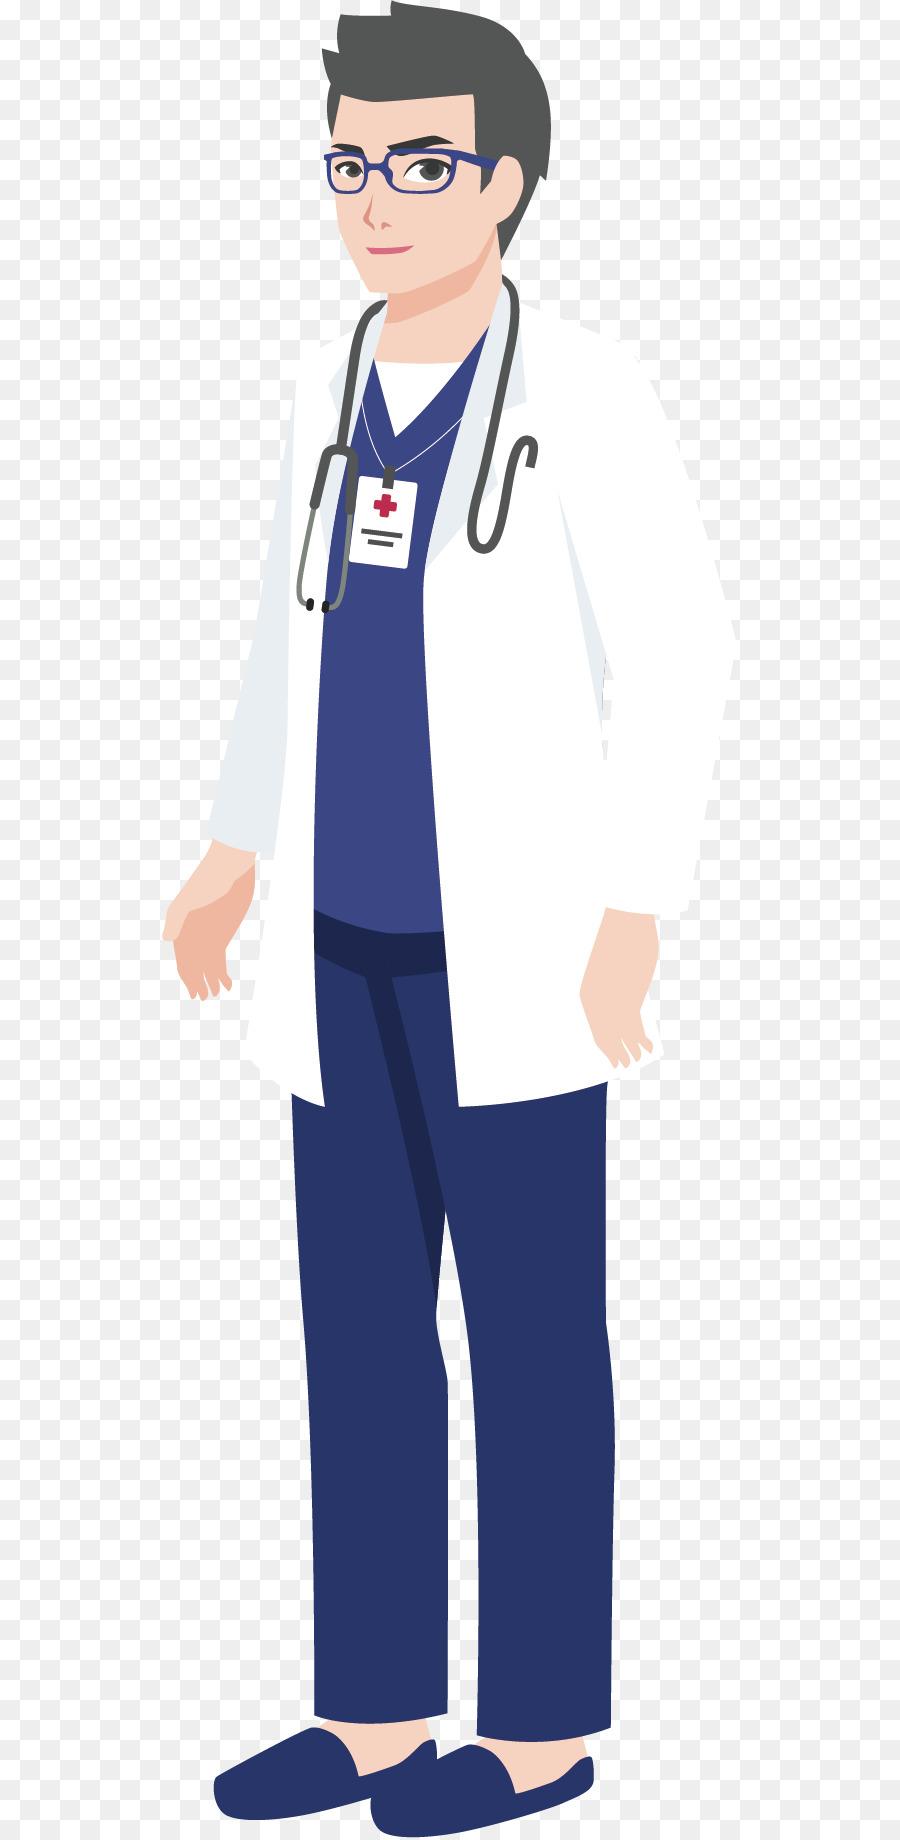 Descarga gratuita de De Dibujos Animados, Médico, Animación Imágen de Png